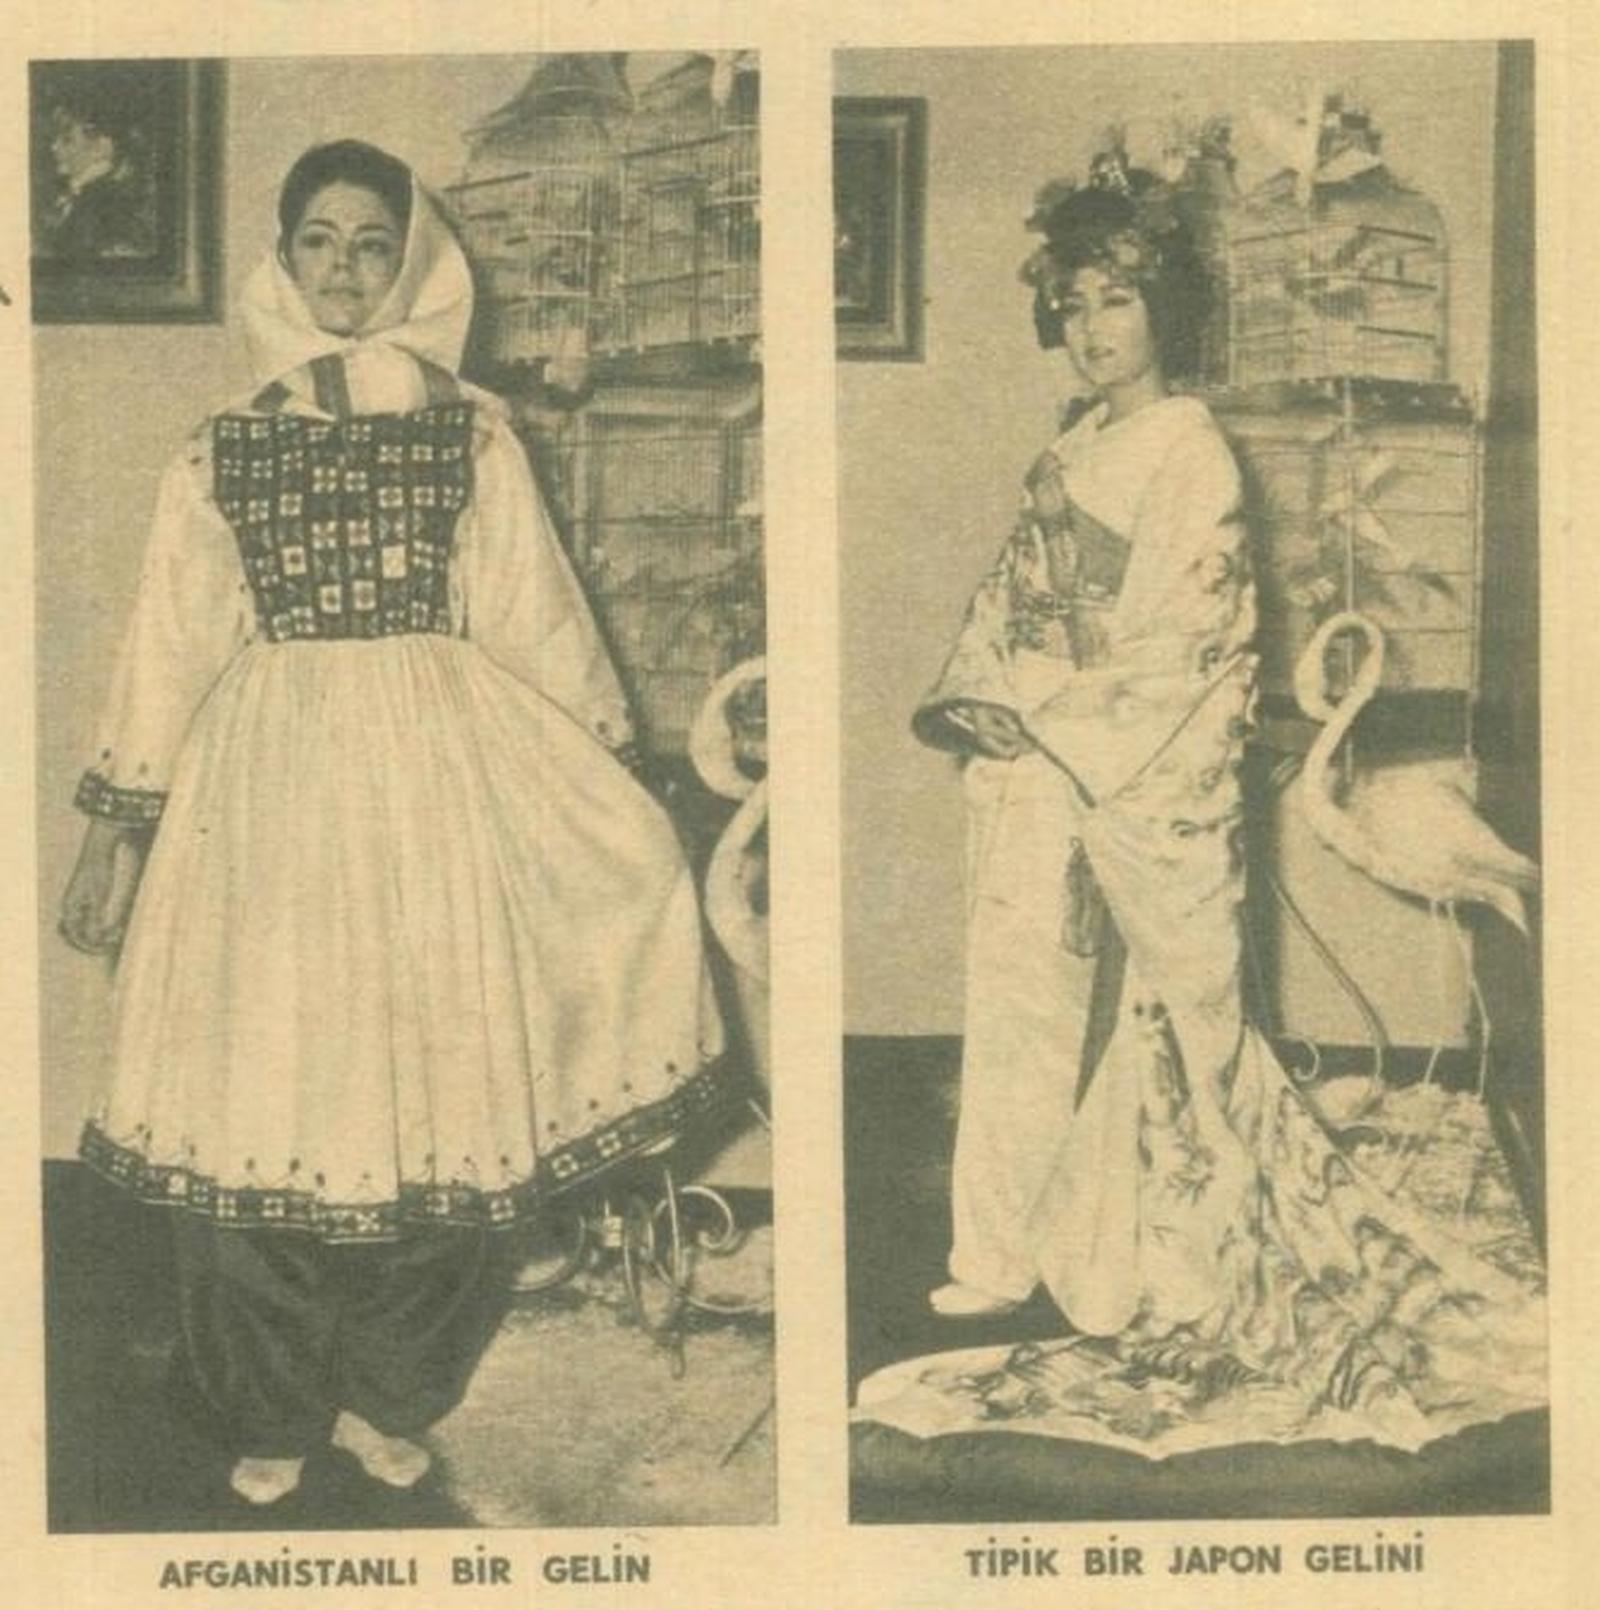 60-larda-evlilik-genc-kizlarin-zengin-koca-avi-hayat-dergisi-1967 (3)